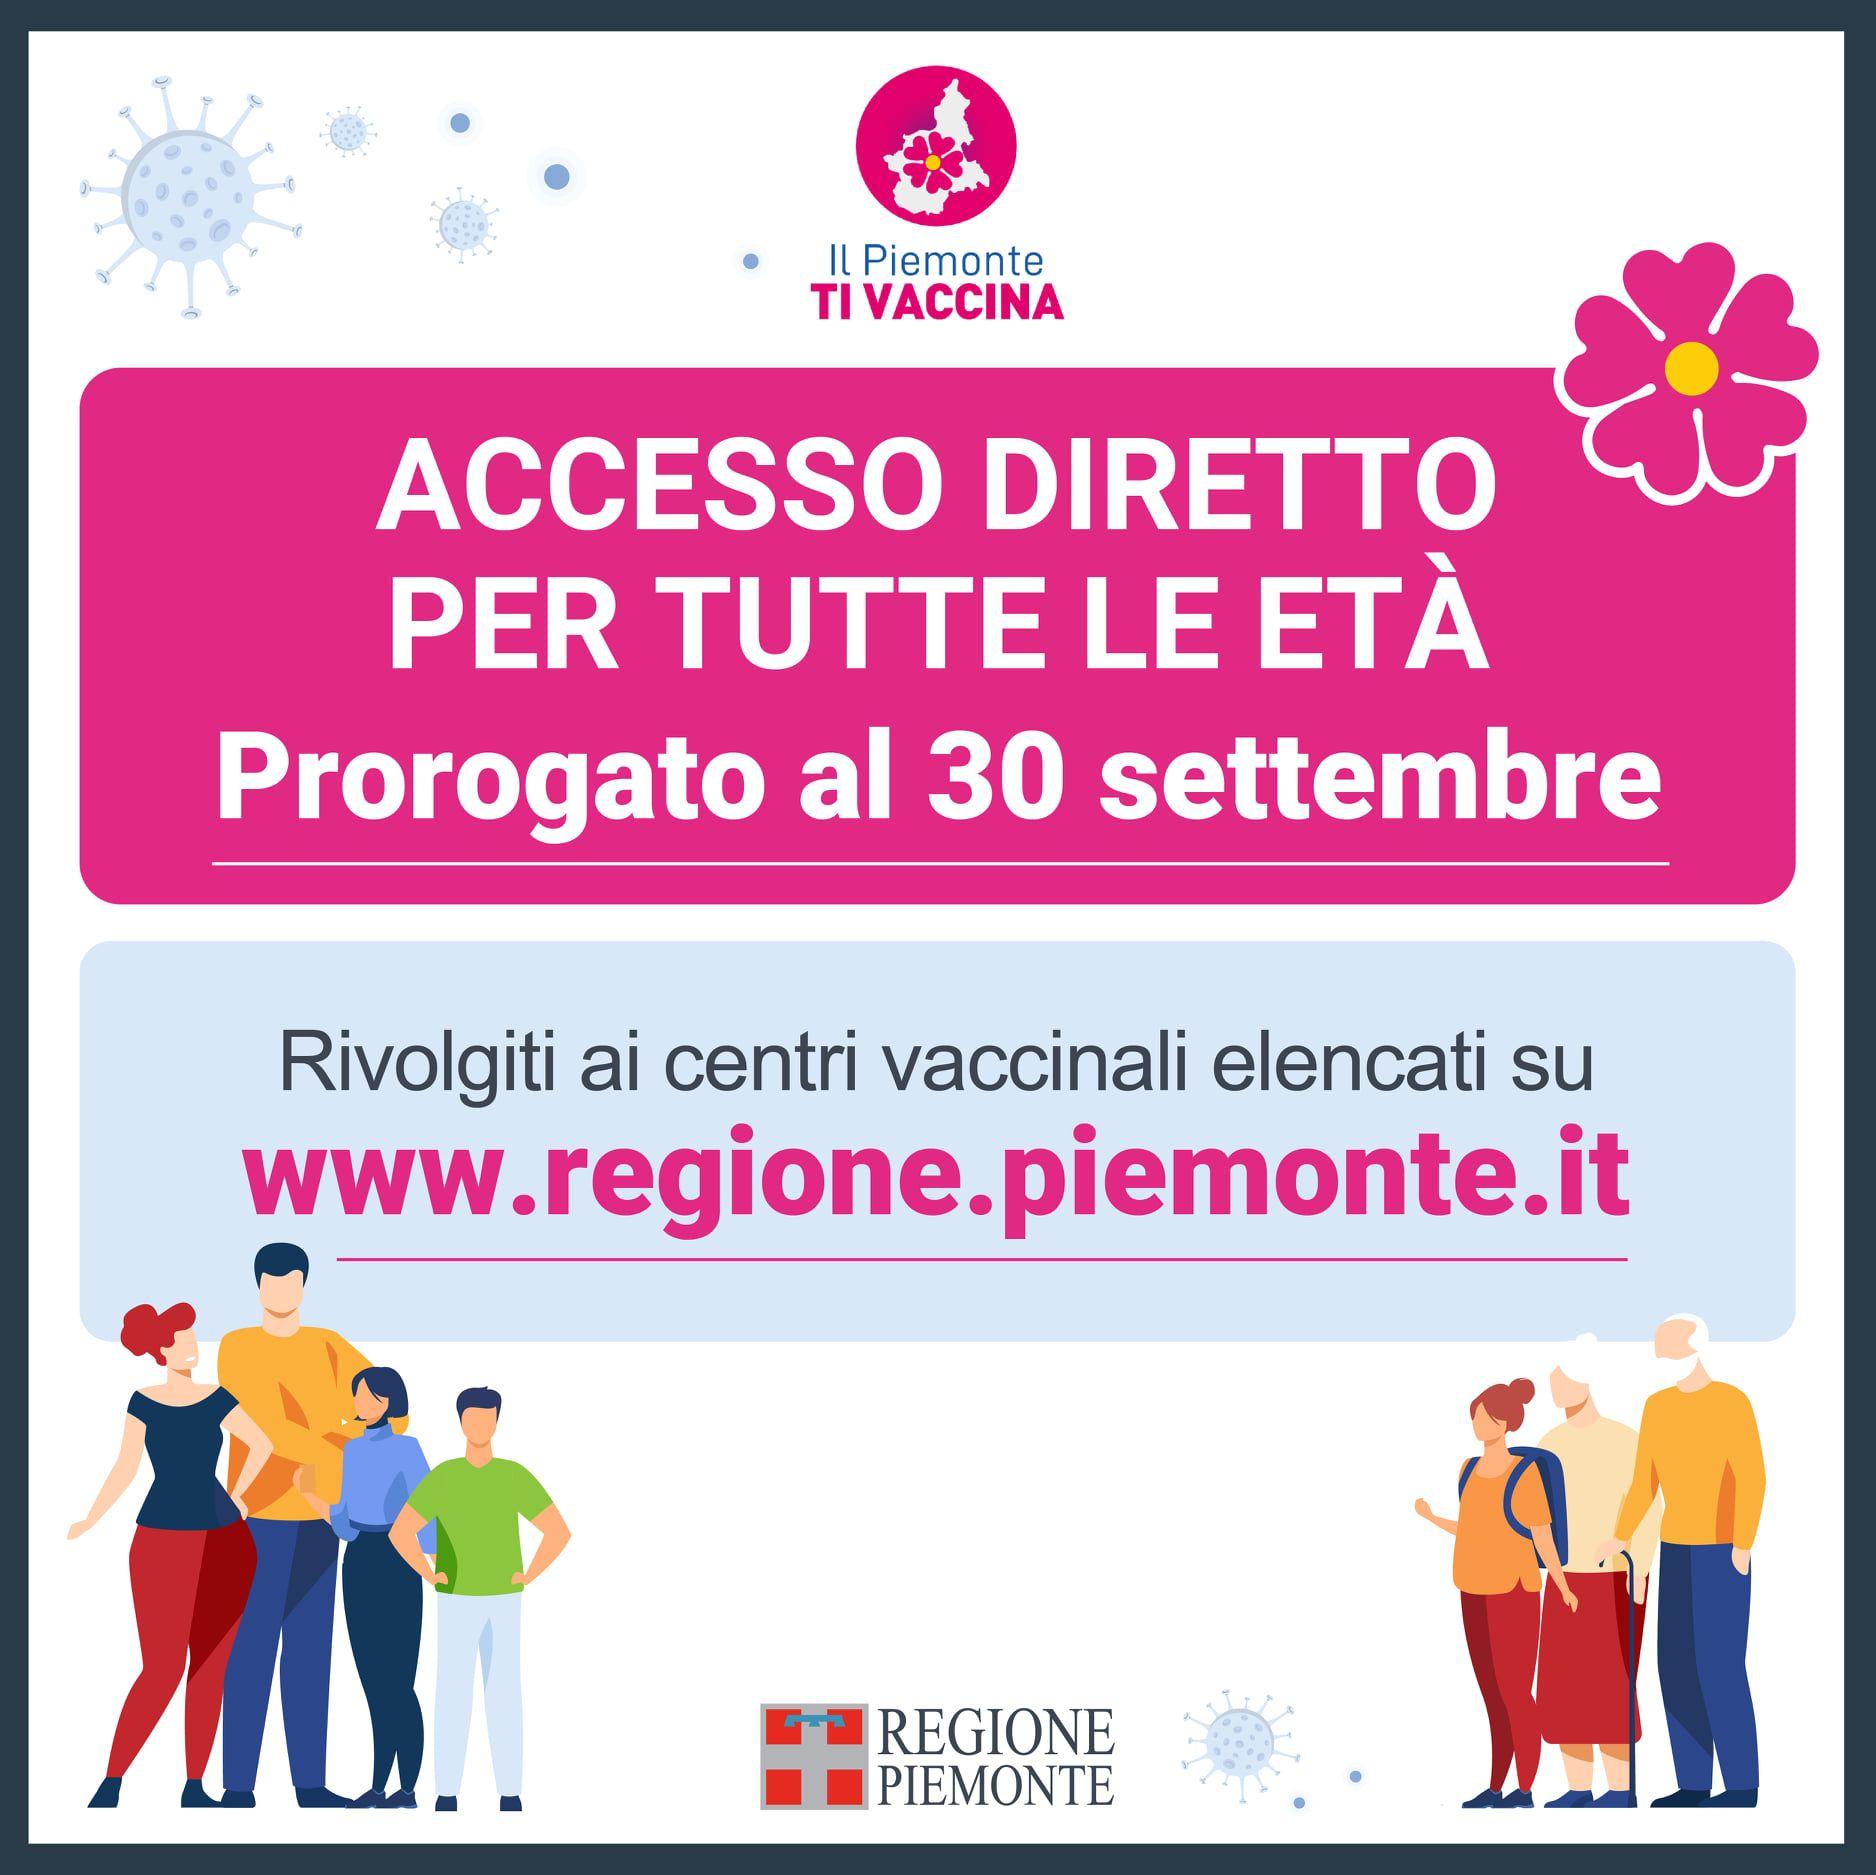 COVID - Posticipati al 30 settembre gli accessi diretti per la vaccinazione nella nostra zona